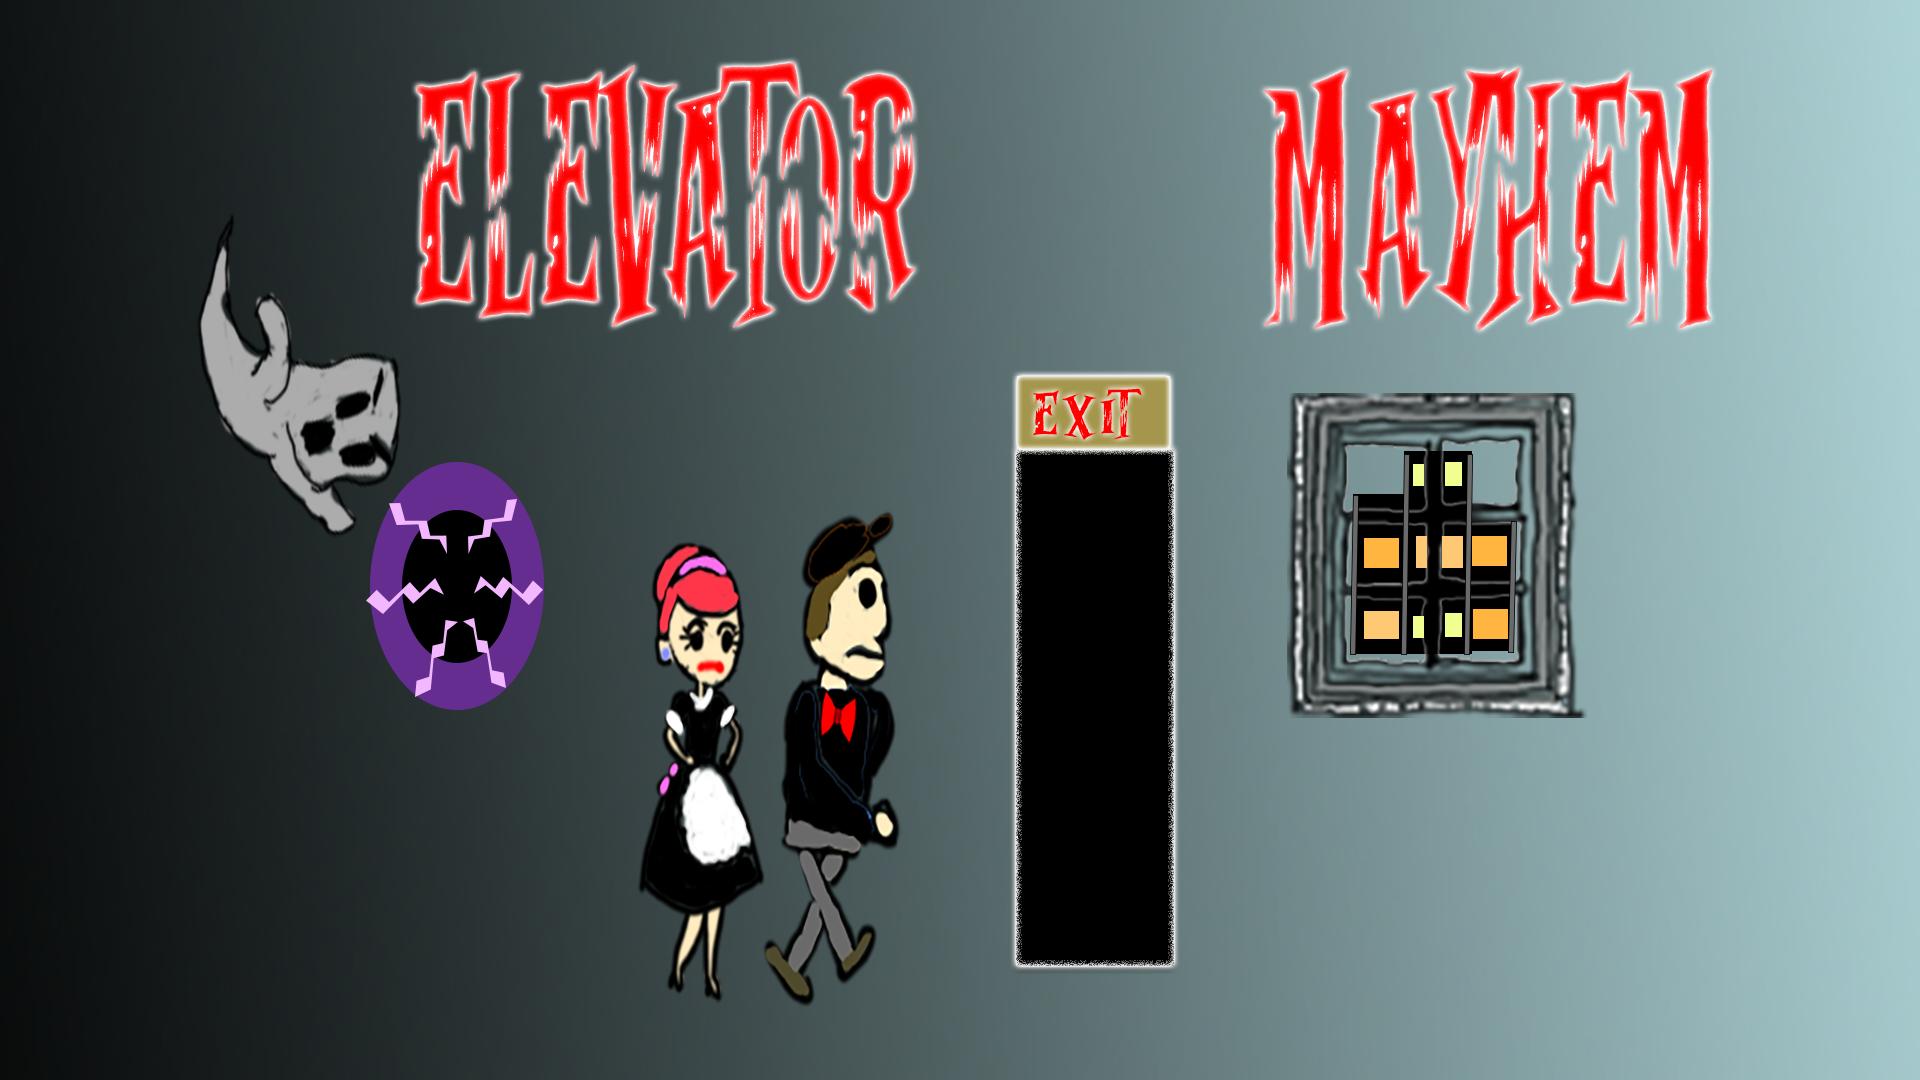 Elevator Mayhem